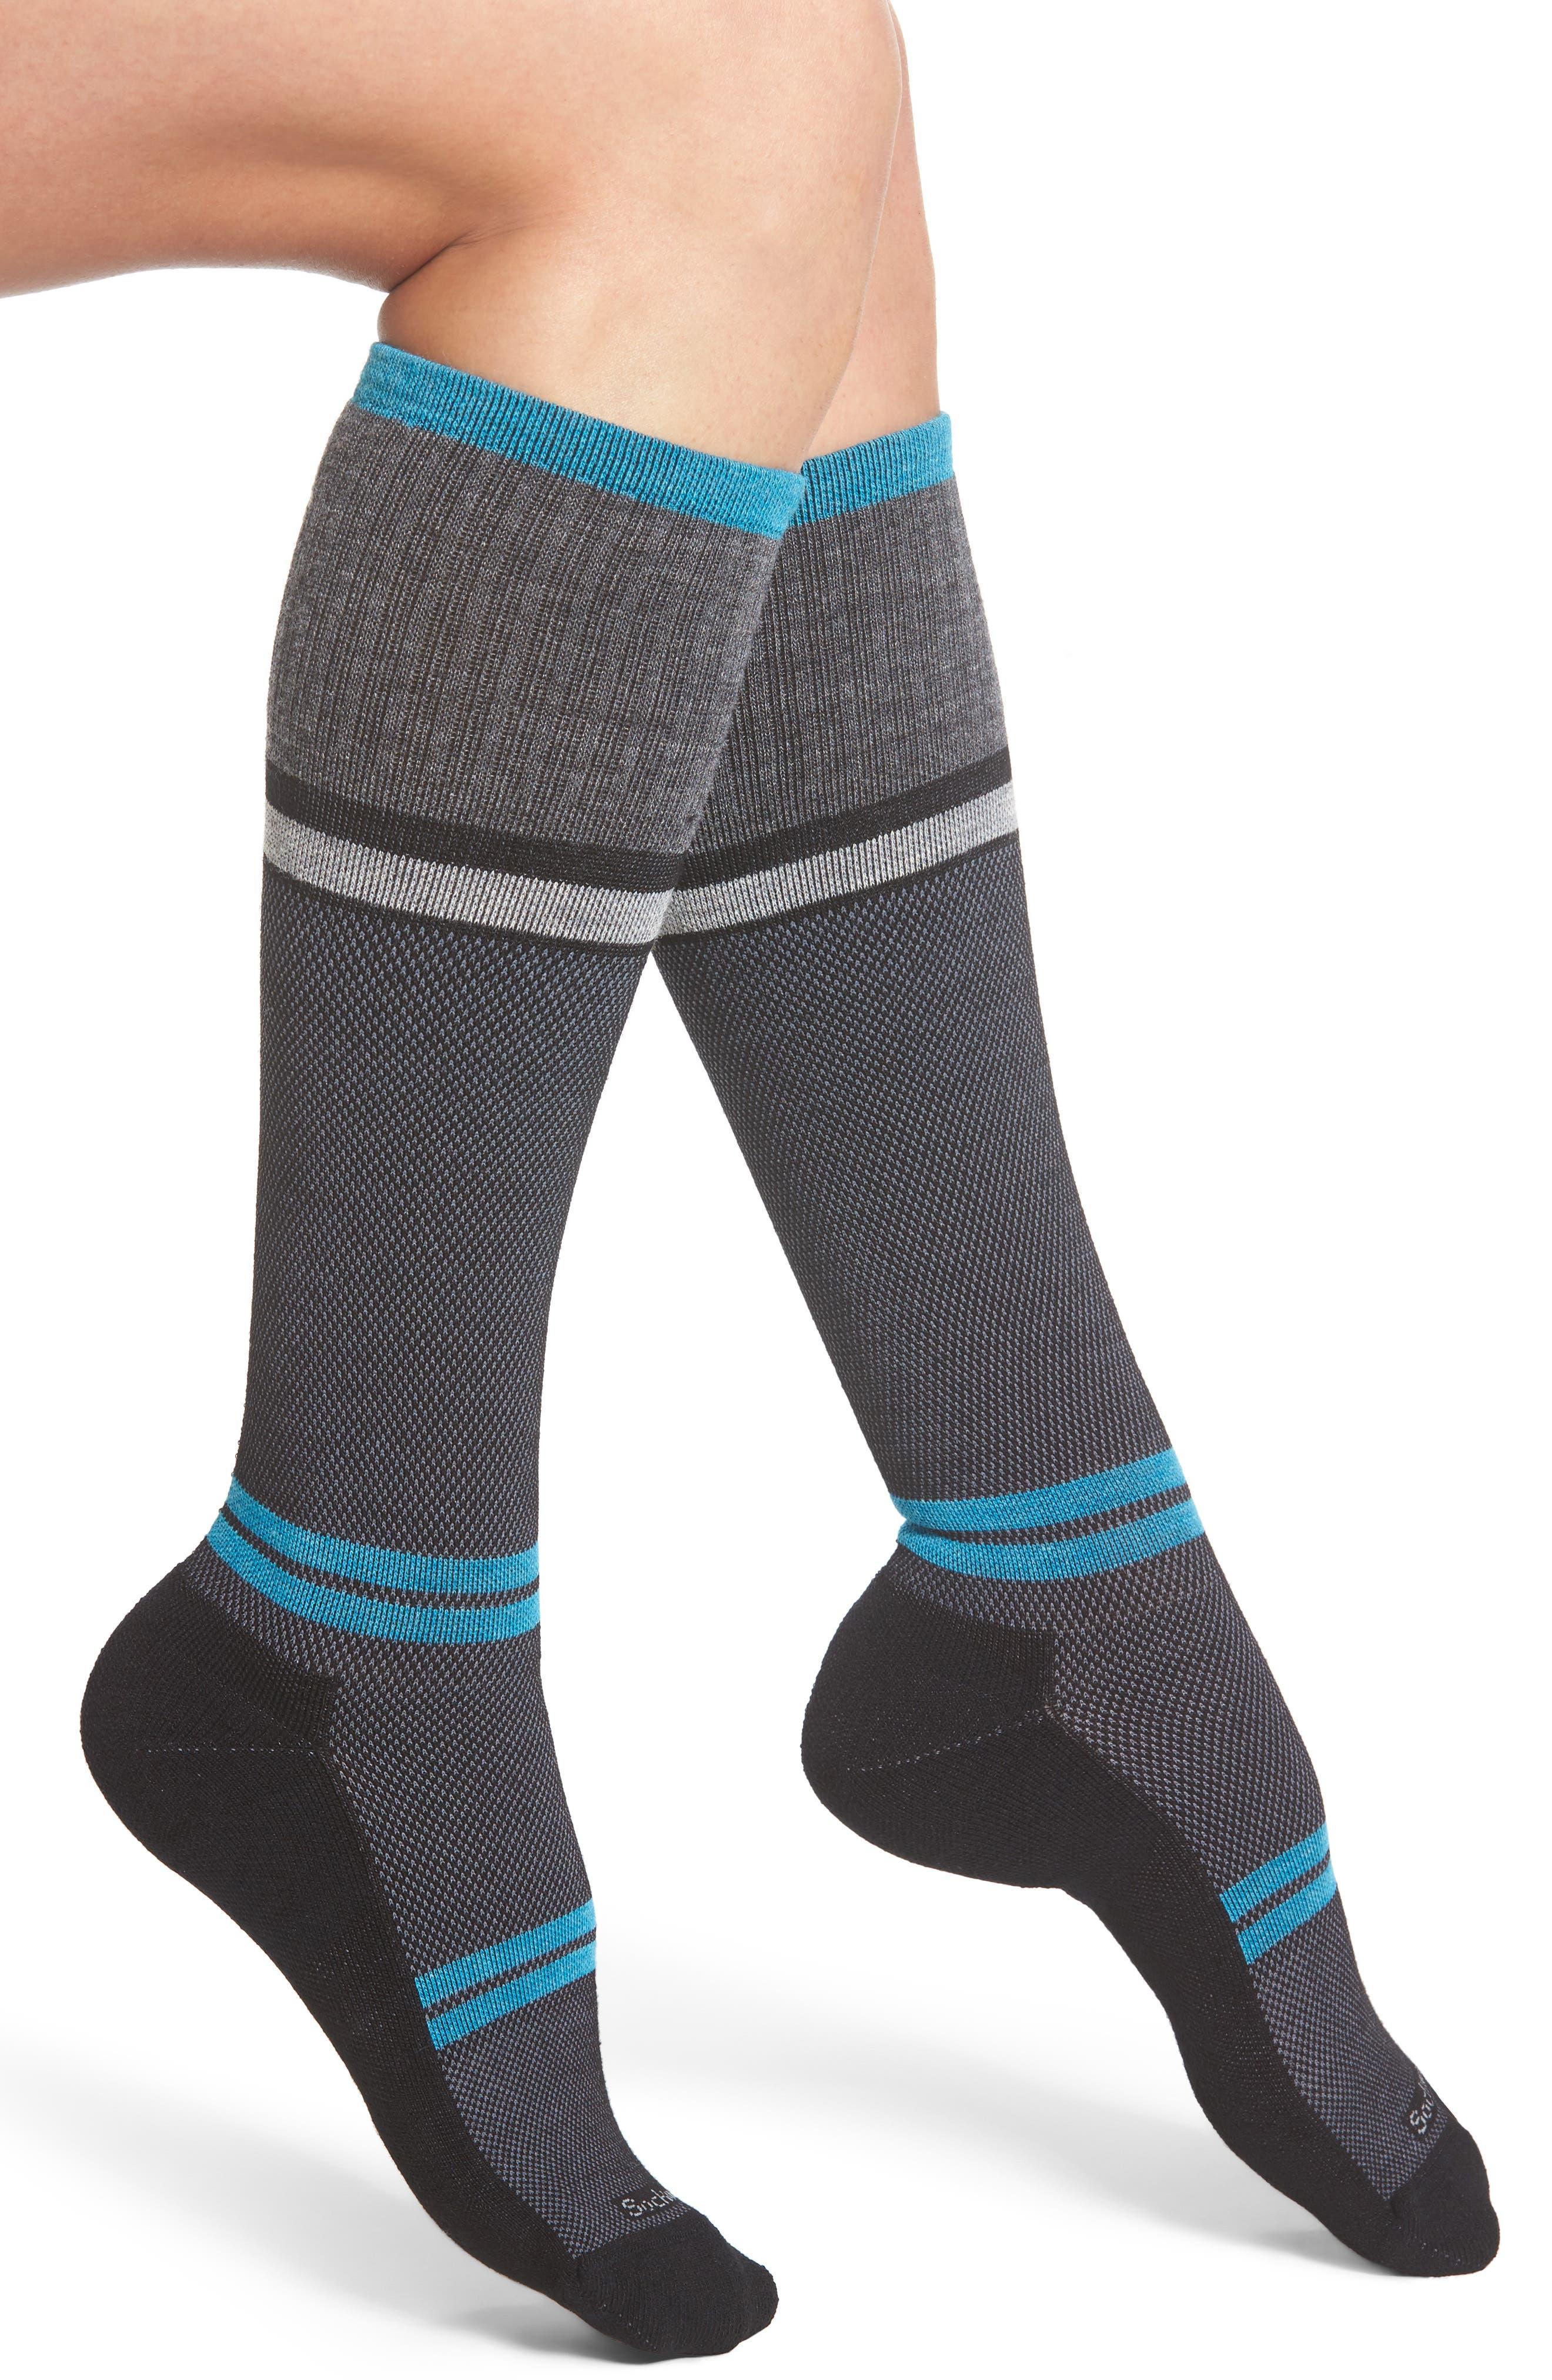 Sockwell 'Sport Flirt' Compression Knee Socks